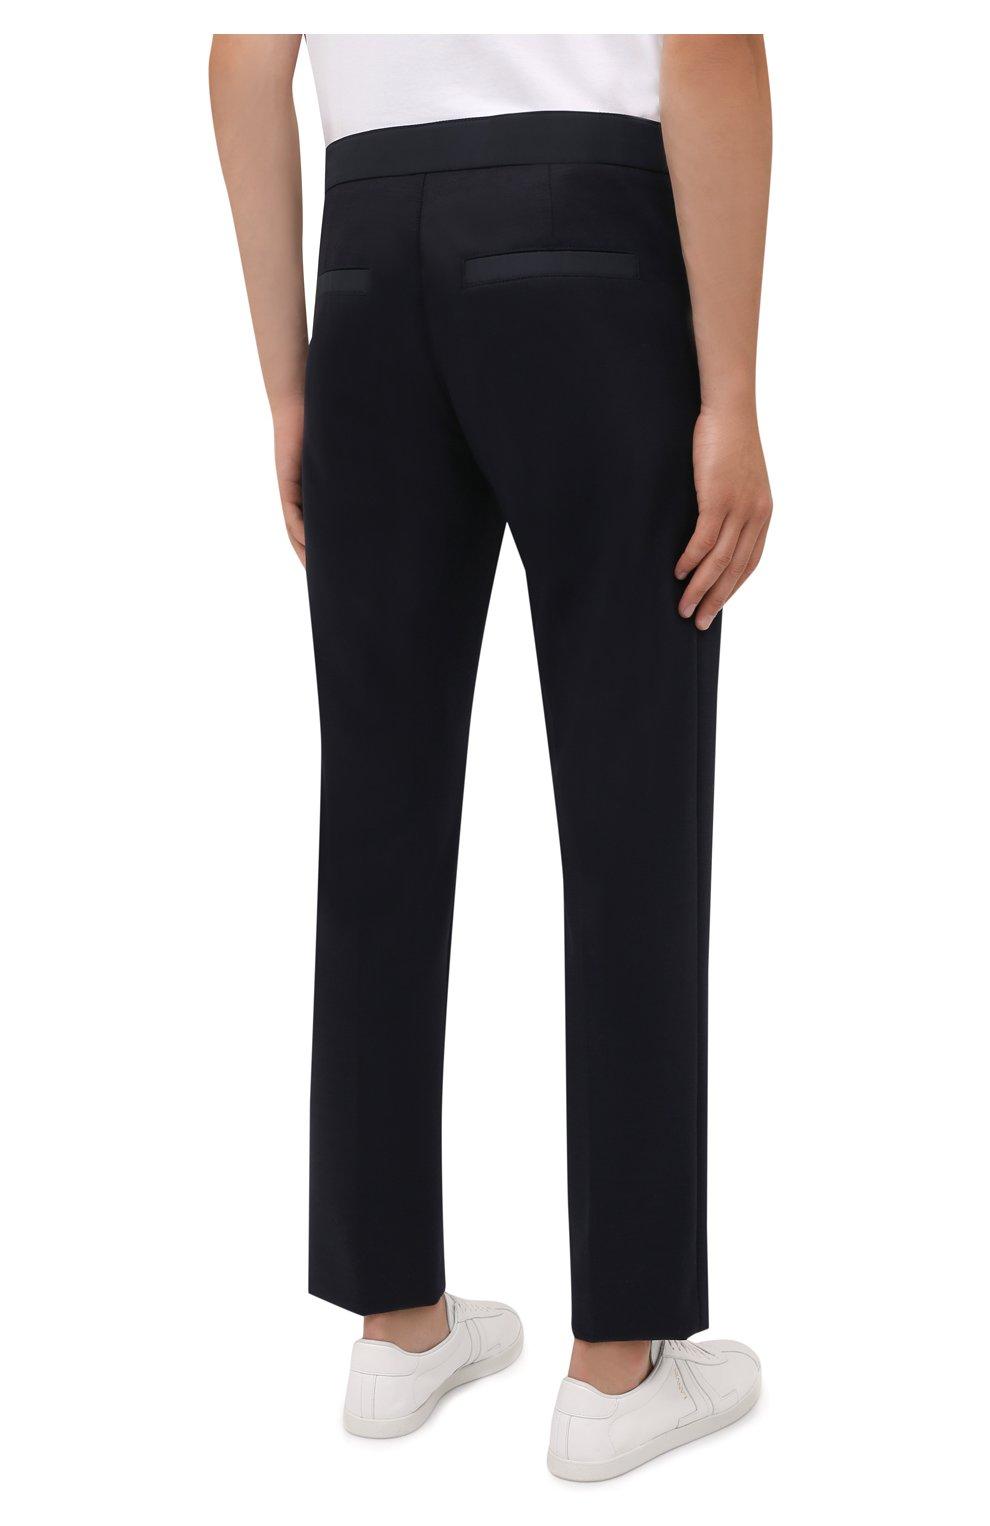 Мужские брюки BOGNER темно-синего цвета, арт. 18406508   Фото 4 (Материал внешний: Шерсть, Синтетический материал; Длина (брюки, джинсы): Стандартные; Случай: Повседневный; Стили: Кэжуэл)